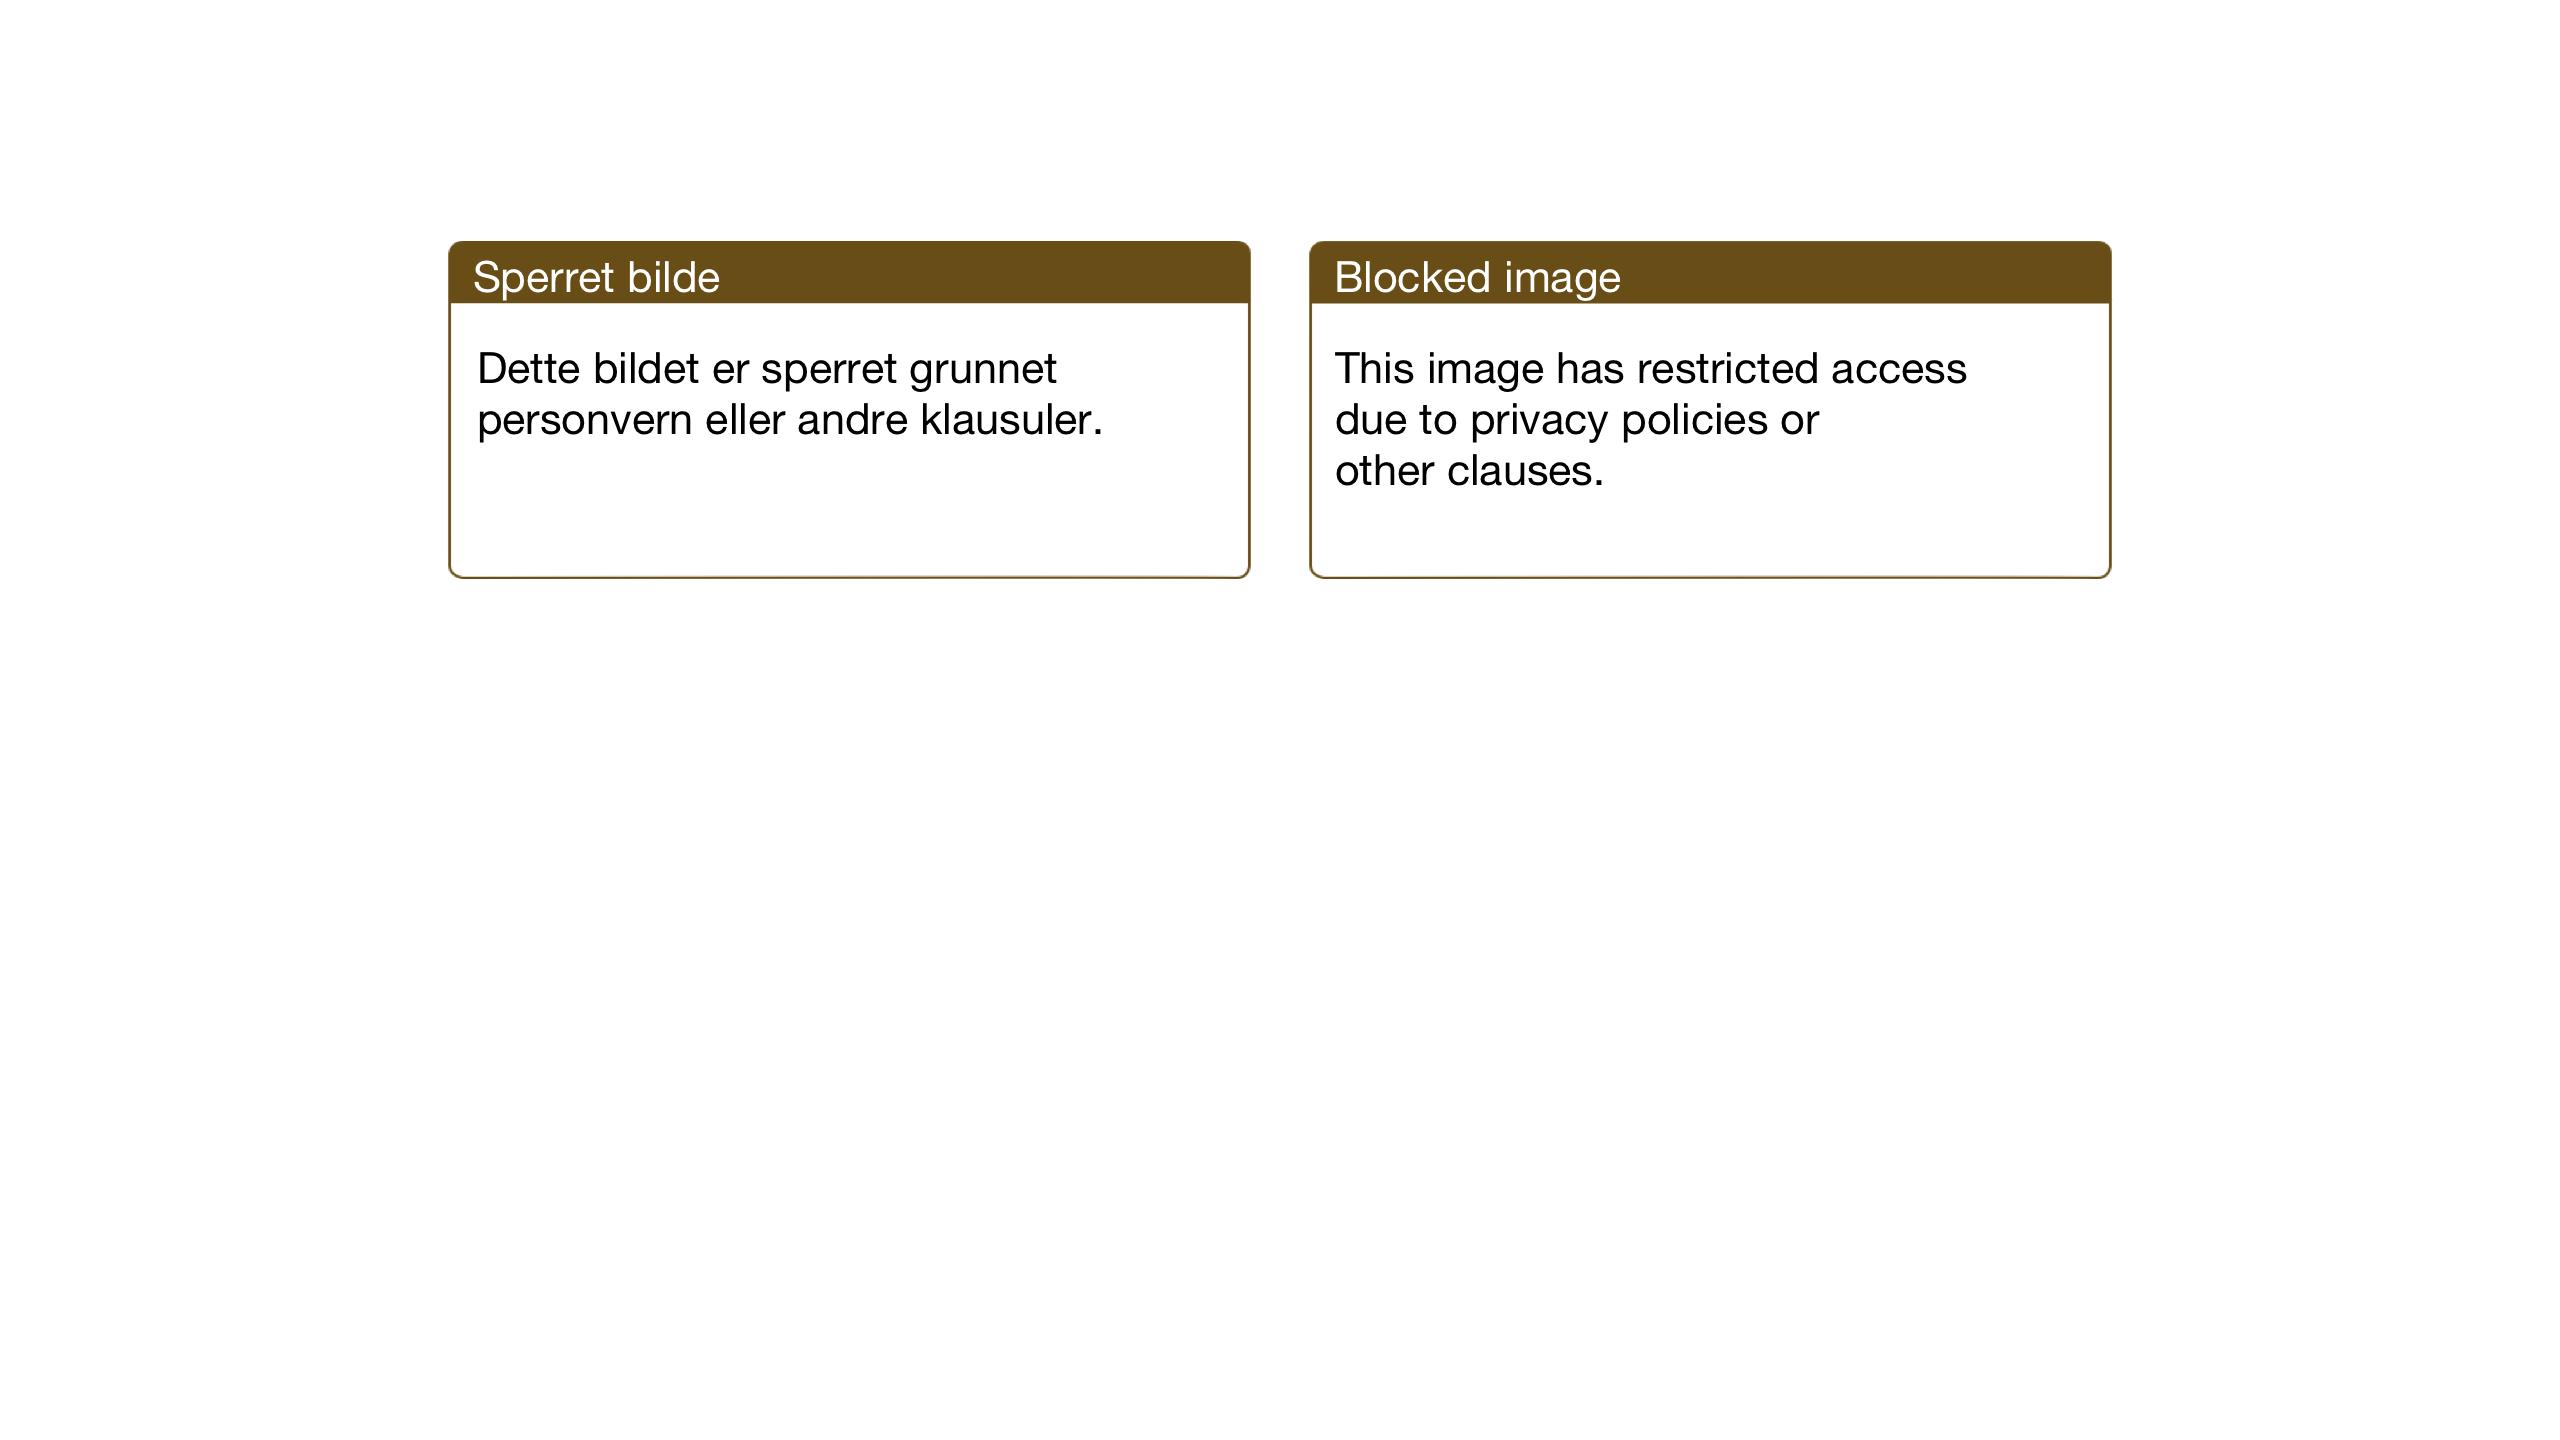 SAT, Ministerialprotokoller, klokkerbøker og fødselsregistre - Sør-Trøndelag, 691/L1095: Klokkerbok nr. 691C06, 1912-1933, s. 119